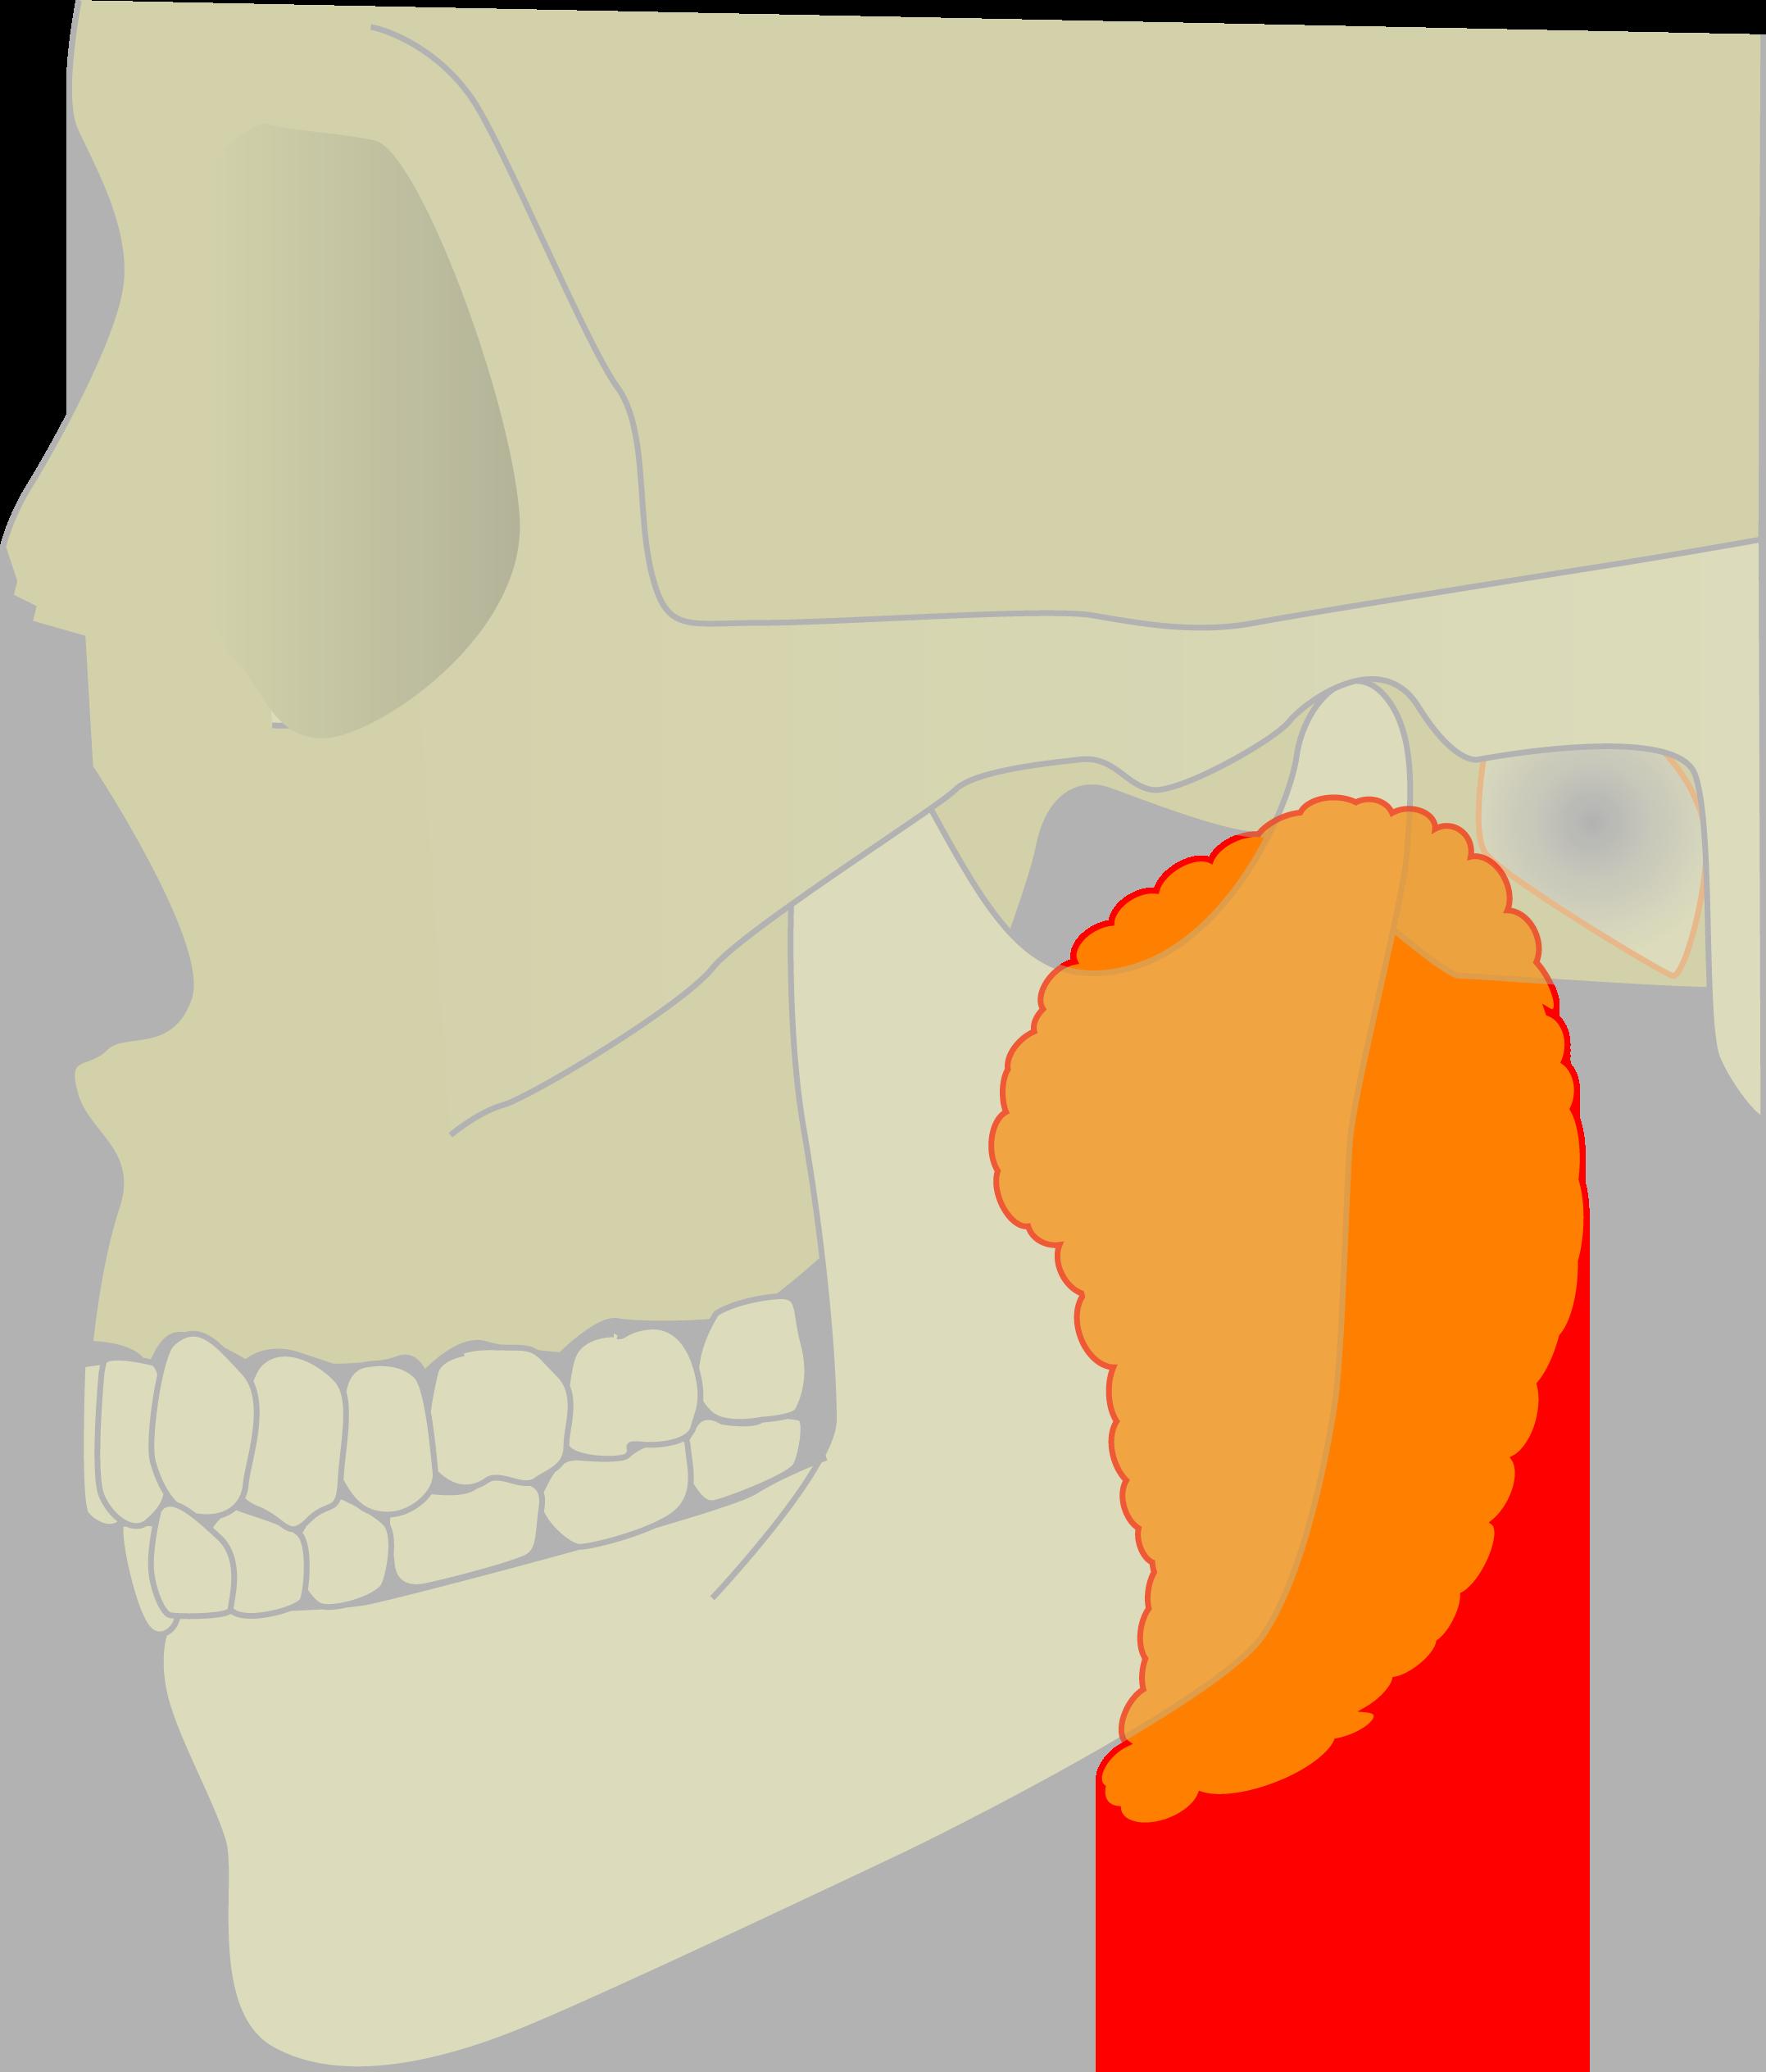 下 リンパ 押す と 痛い の 耳